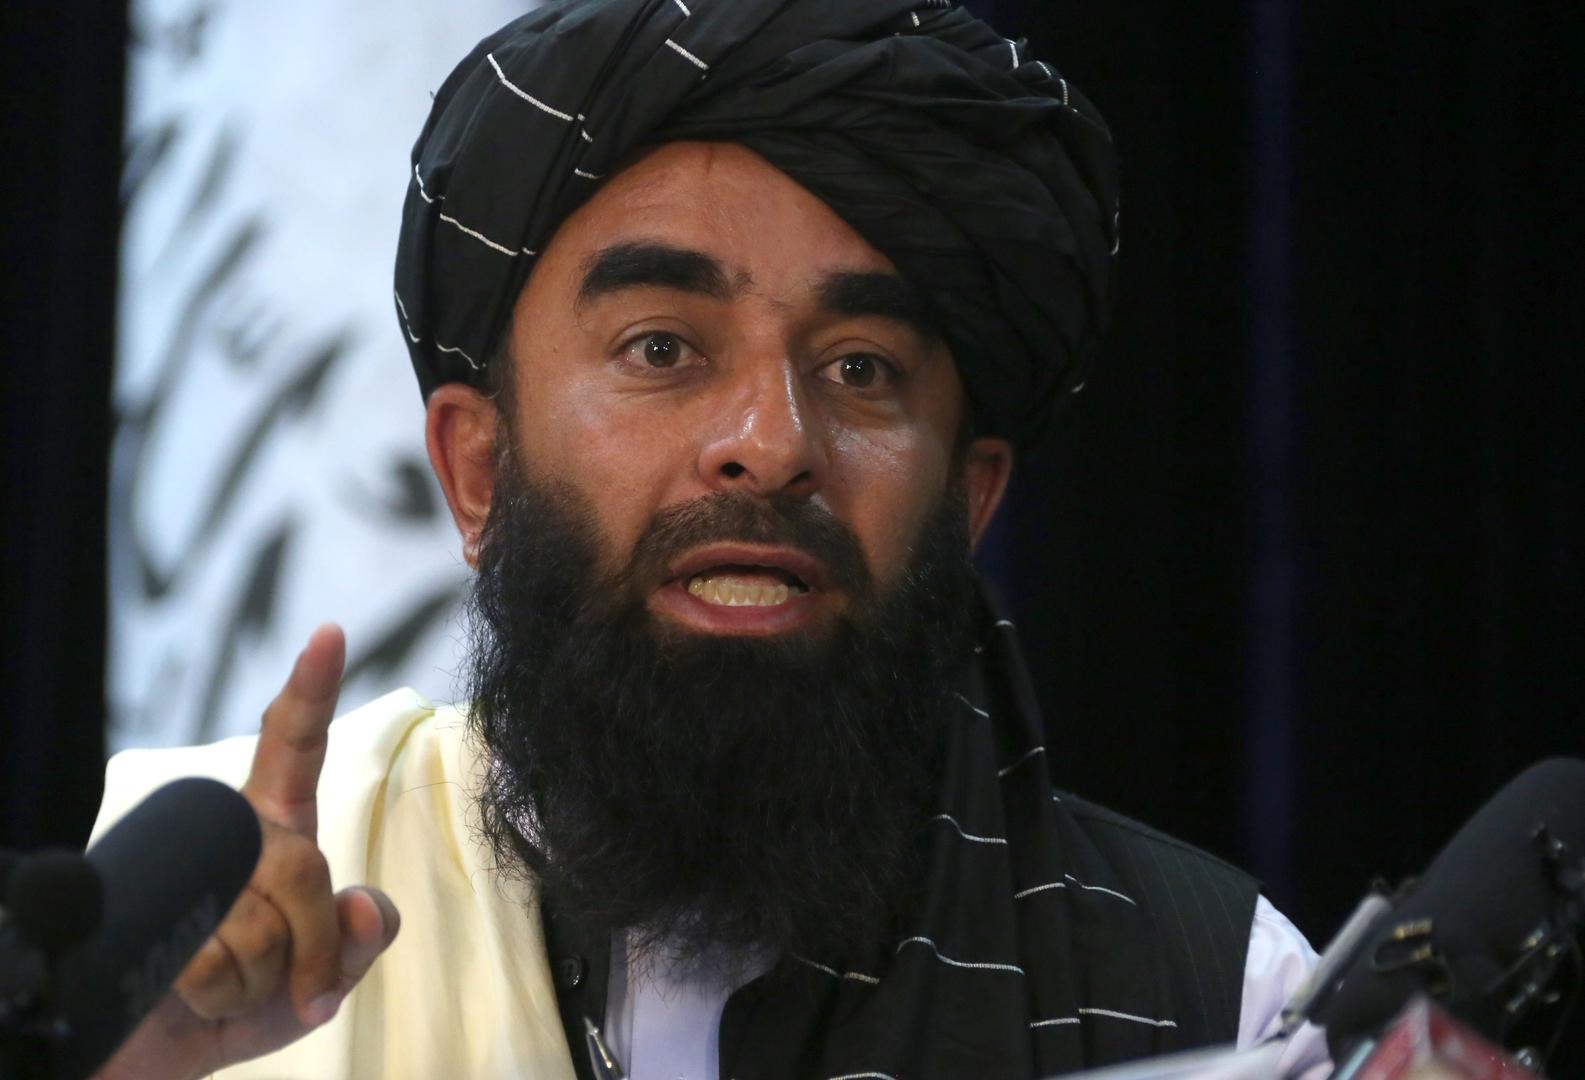 طالبان: نجري مفاوضات مع روسيا بشأن الاعتراف بحكومتنا